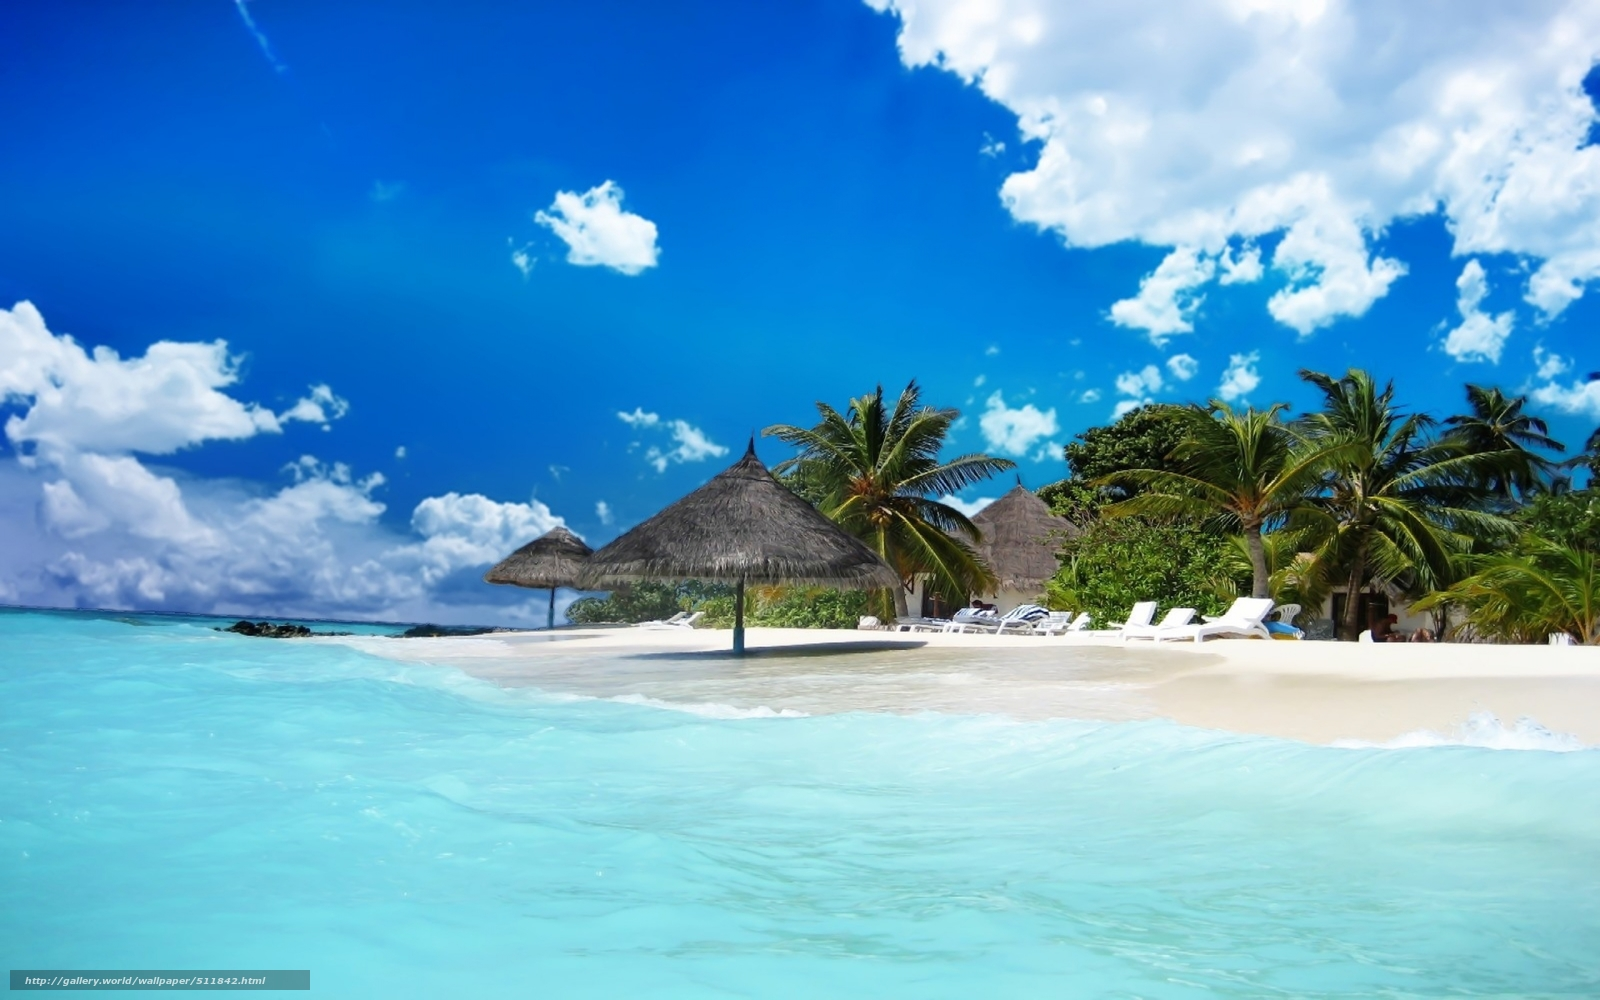 Bahamas Beach wallpaper 239627